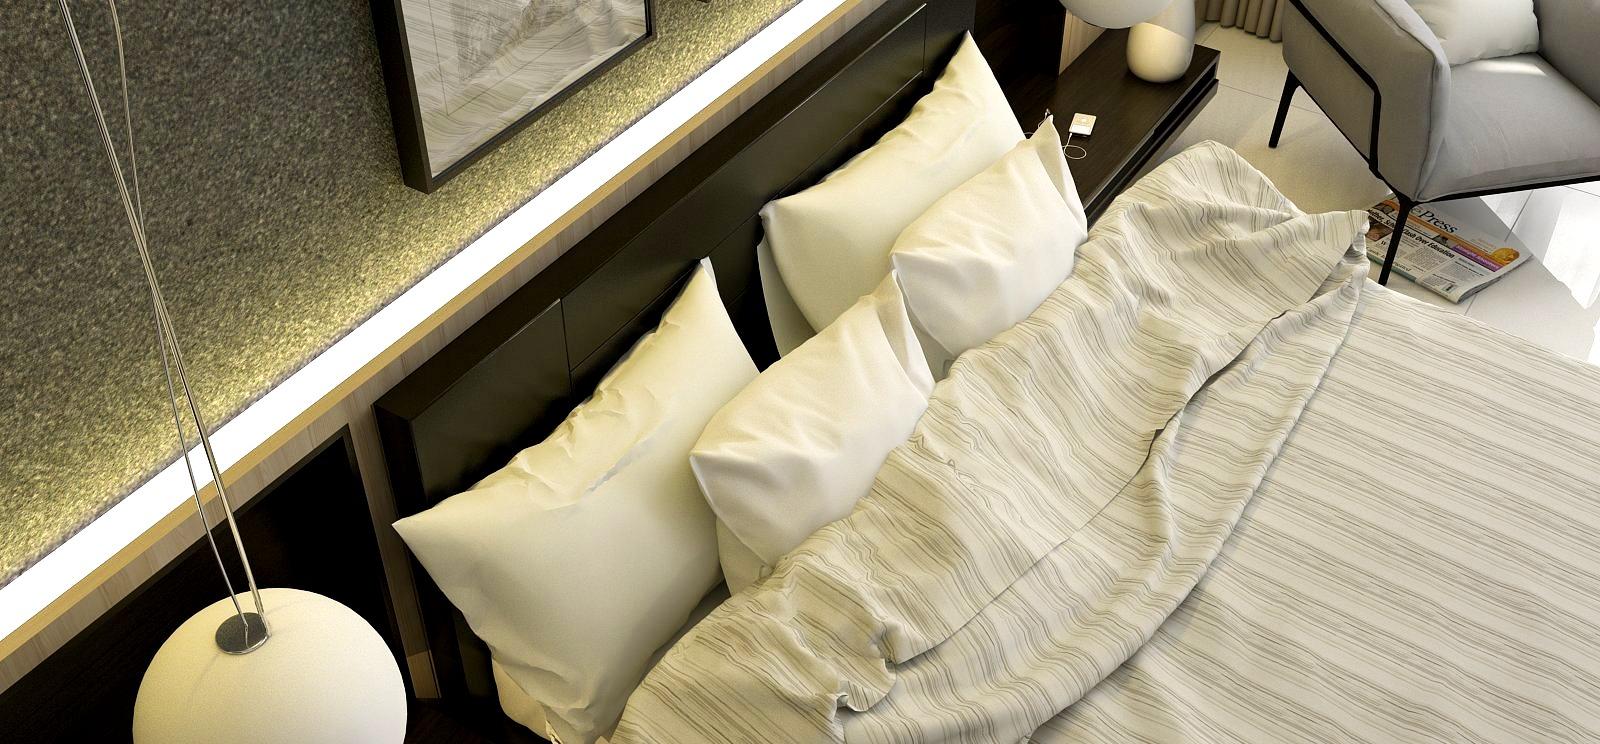 חדר שינה איטלקי 3_edited